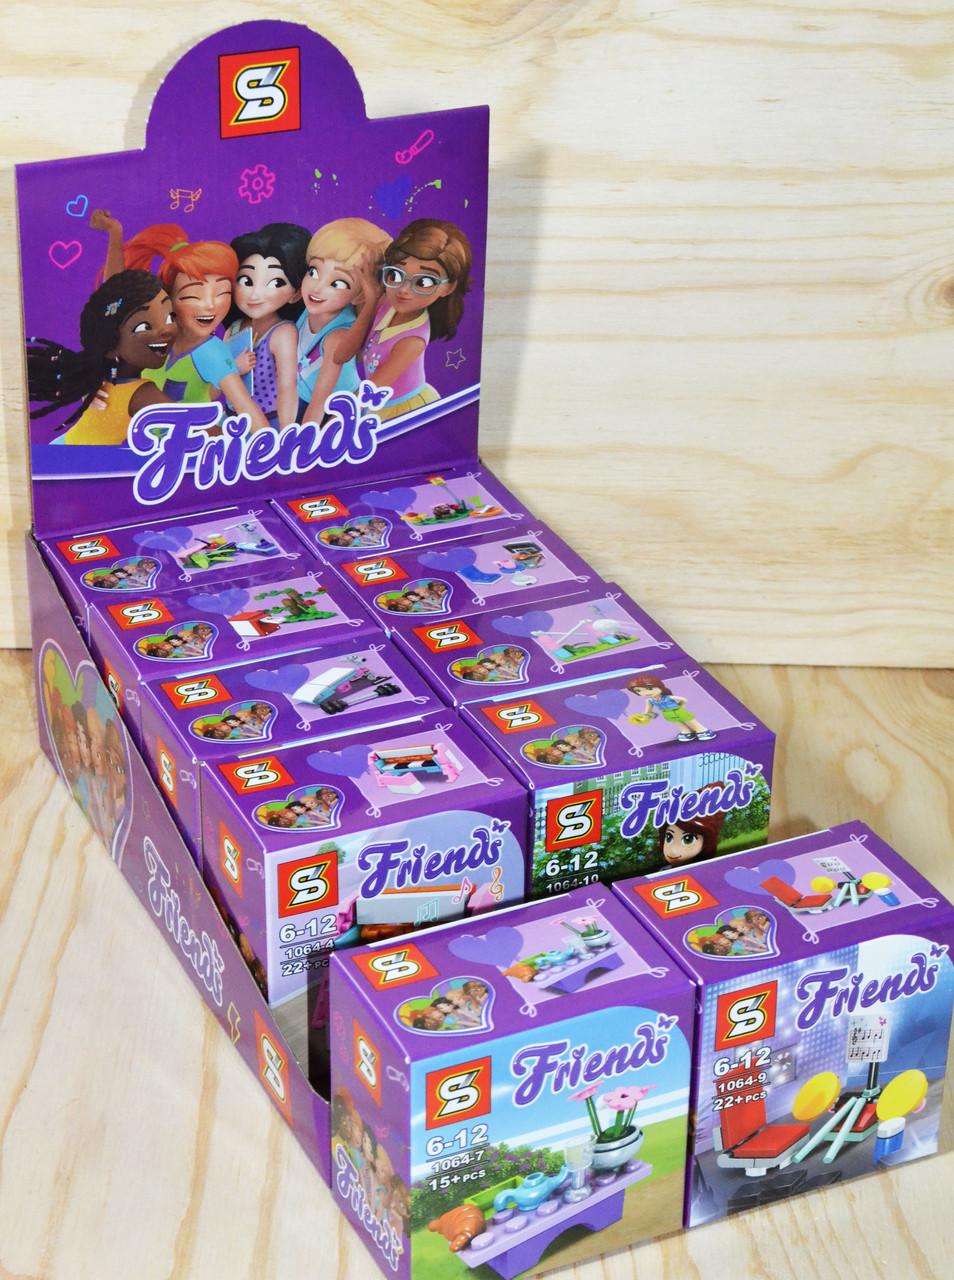 1064 FRIENDS Констр. для девочек парк развлечений 10 видов, 10шт, цена за уп. 7*7см